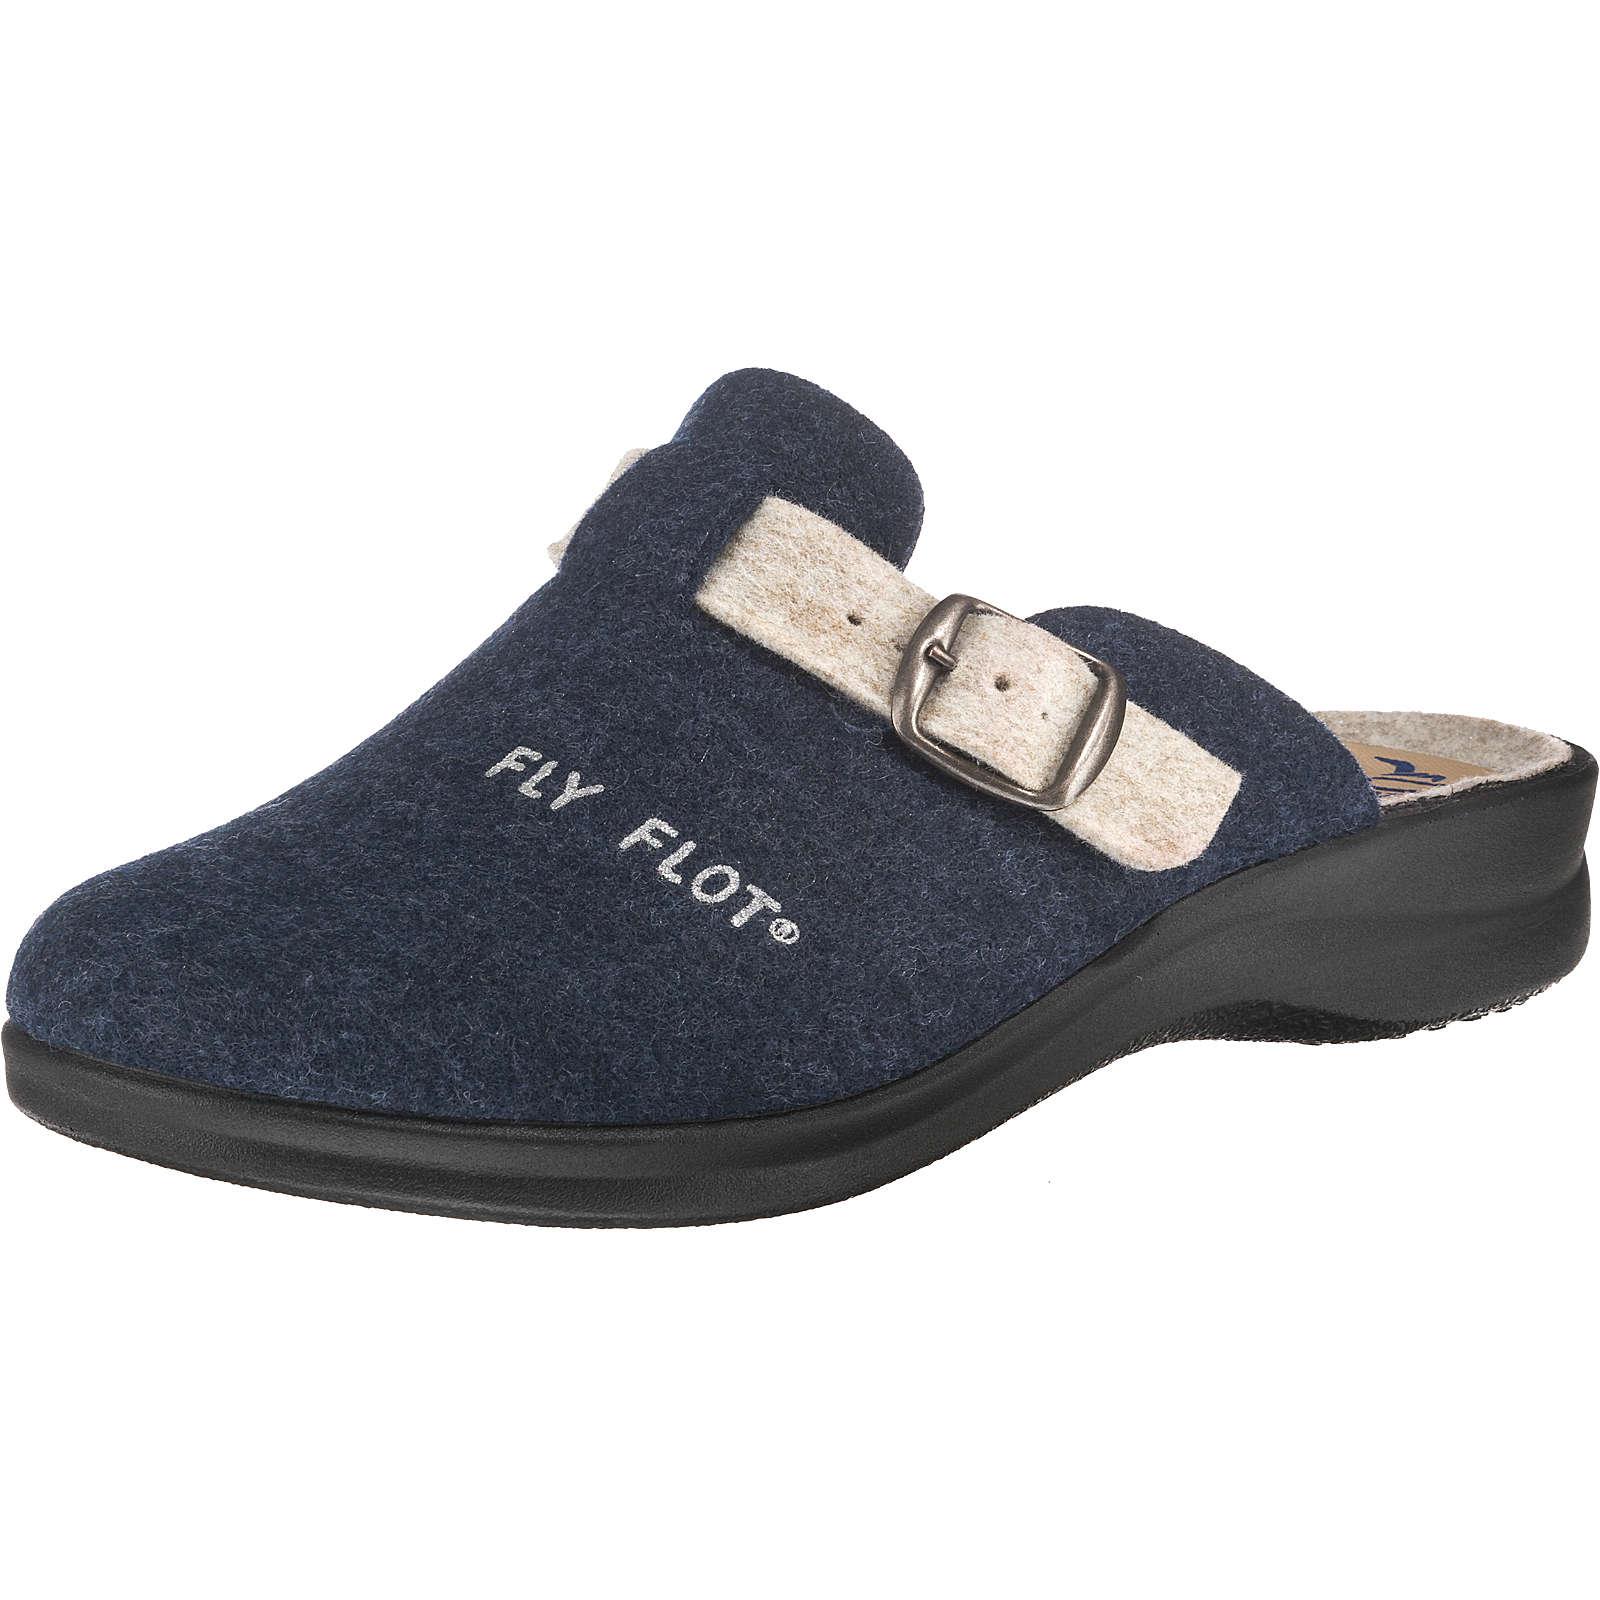 FLY FLOT Pantoffeln blau Damen Gr. 36